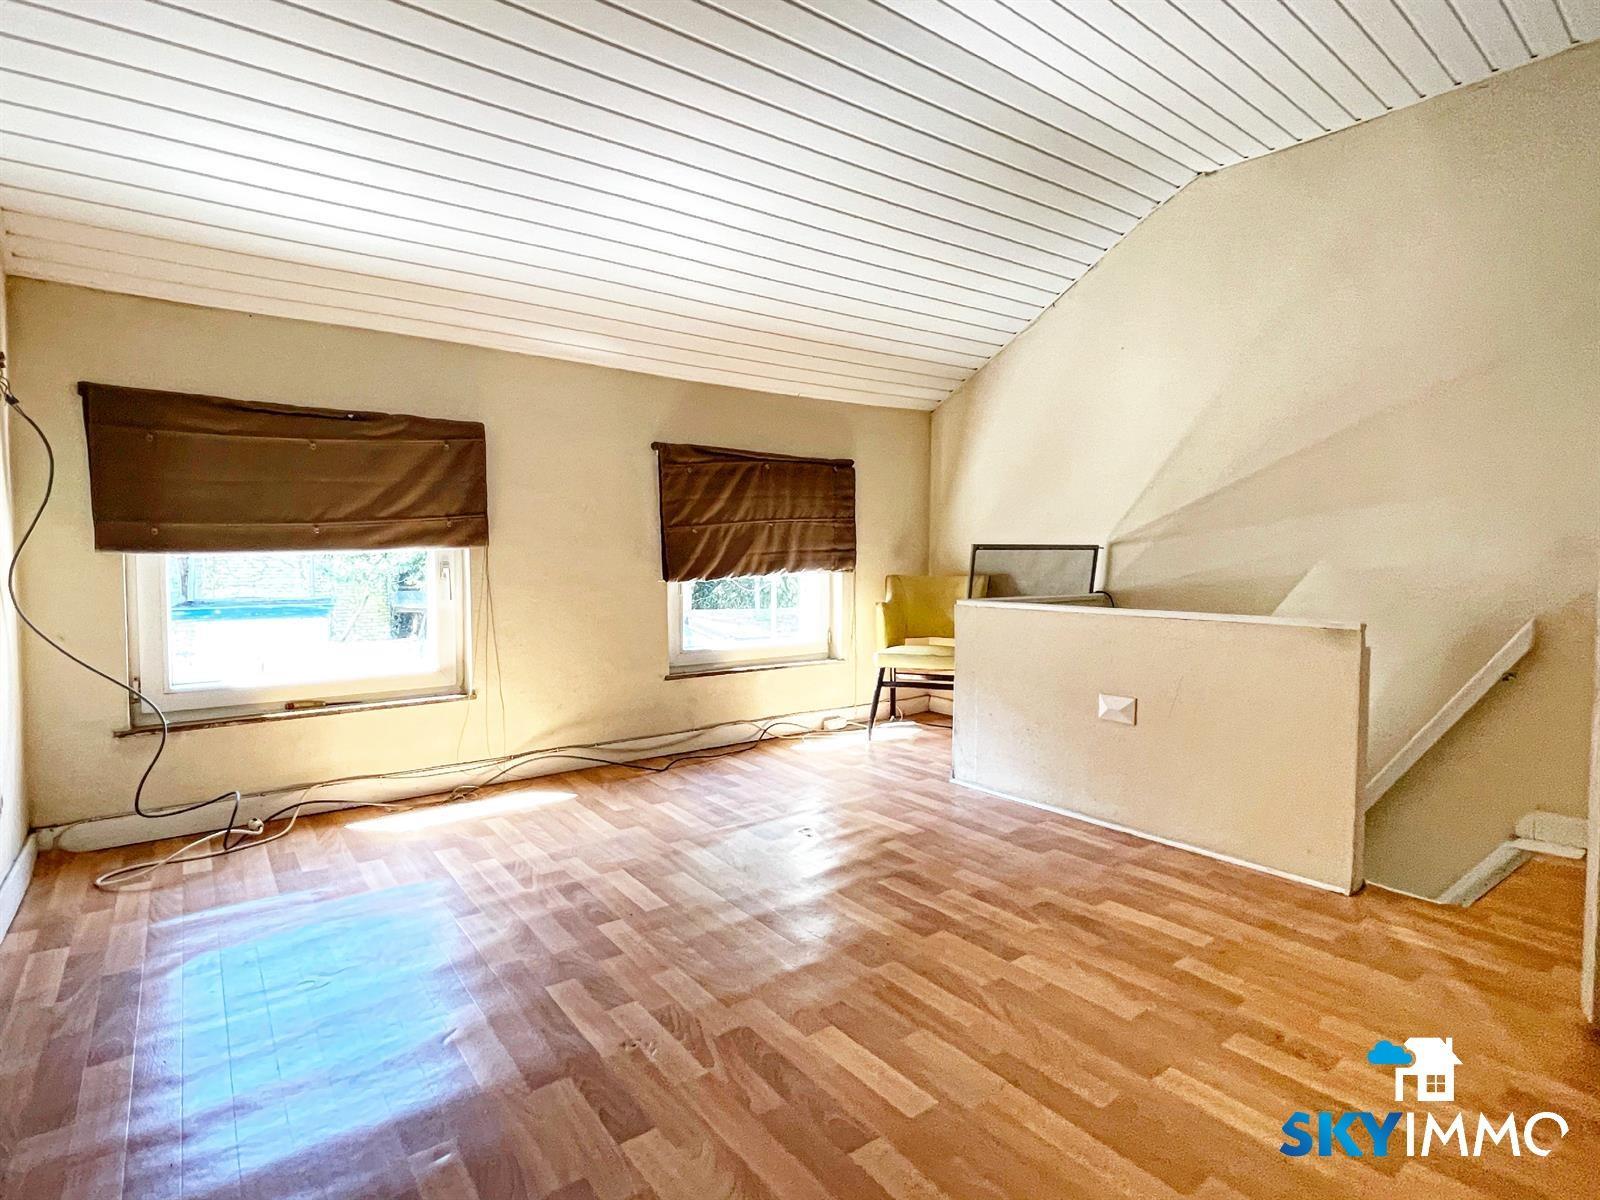 Maison - Seraing - #4381541-12